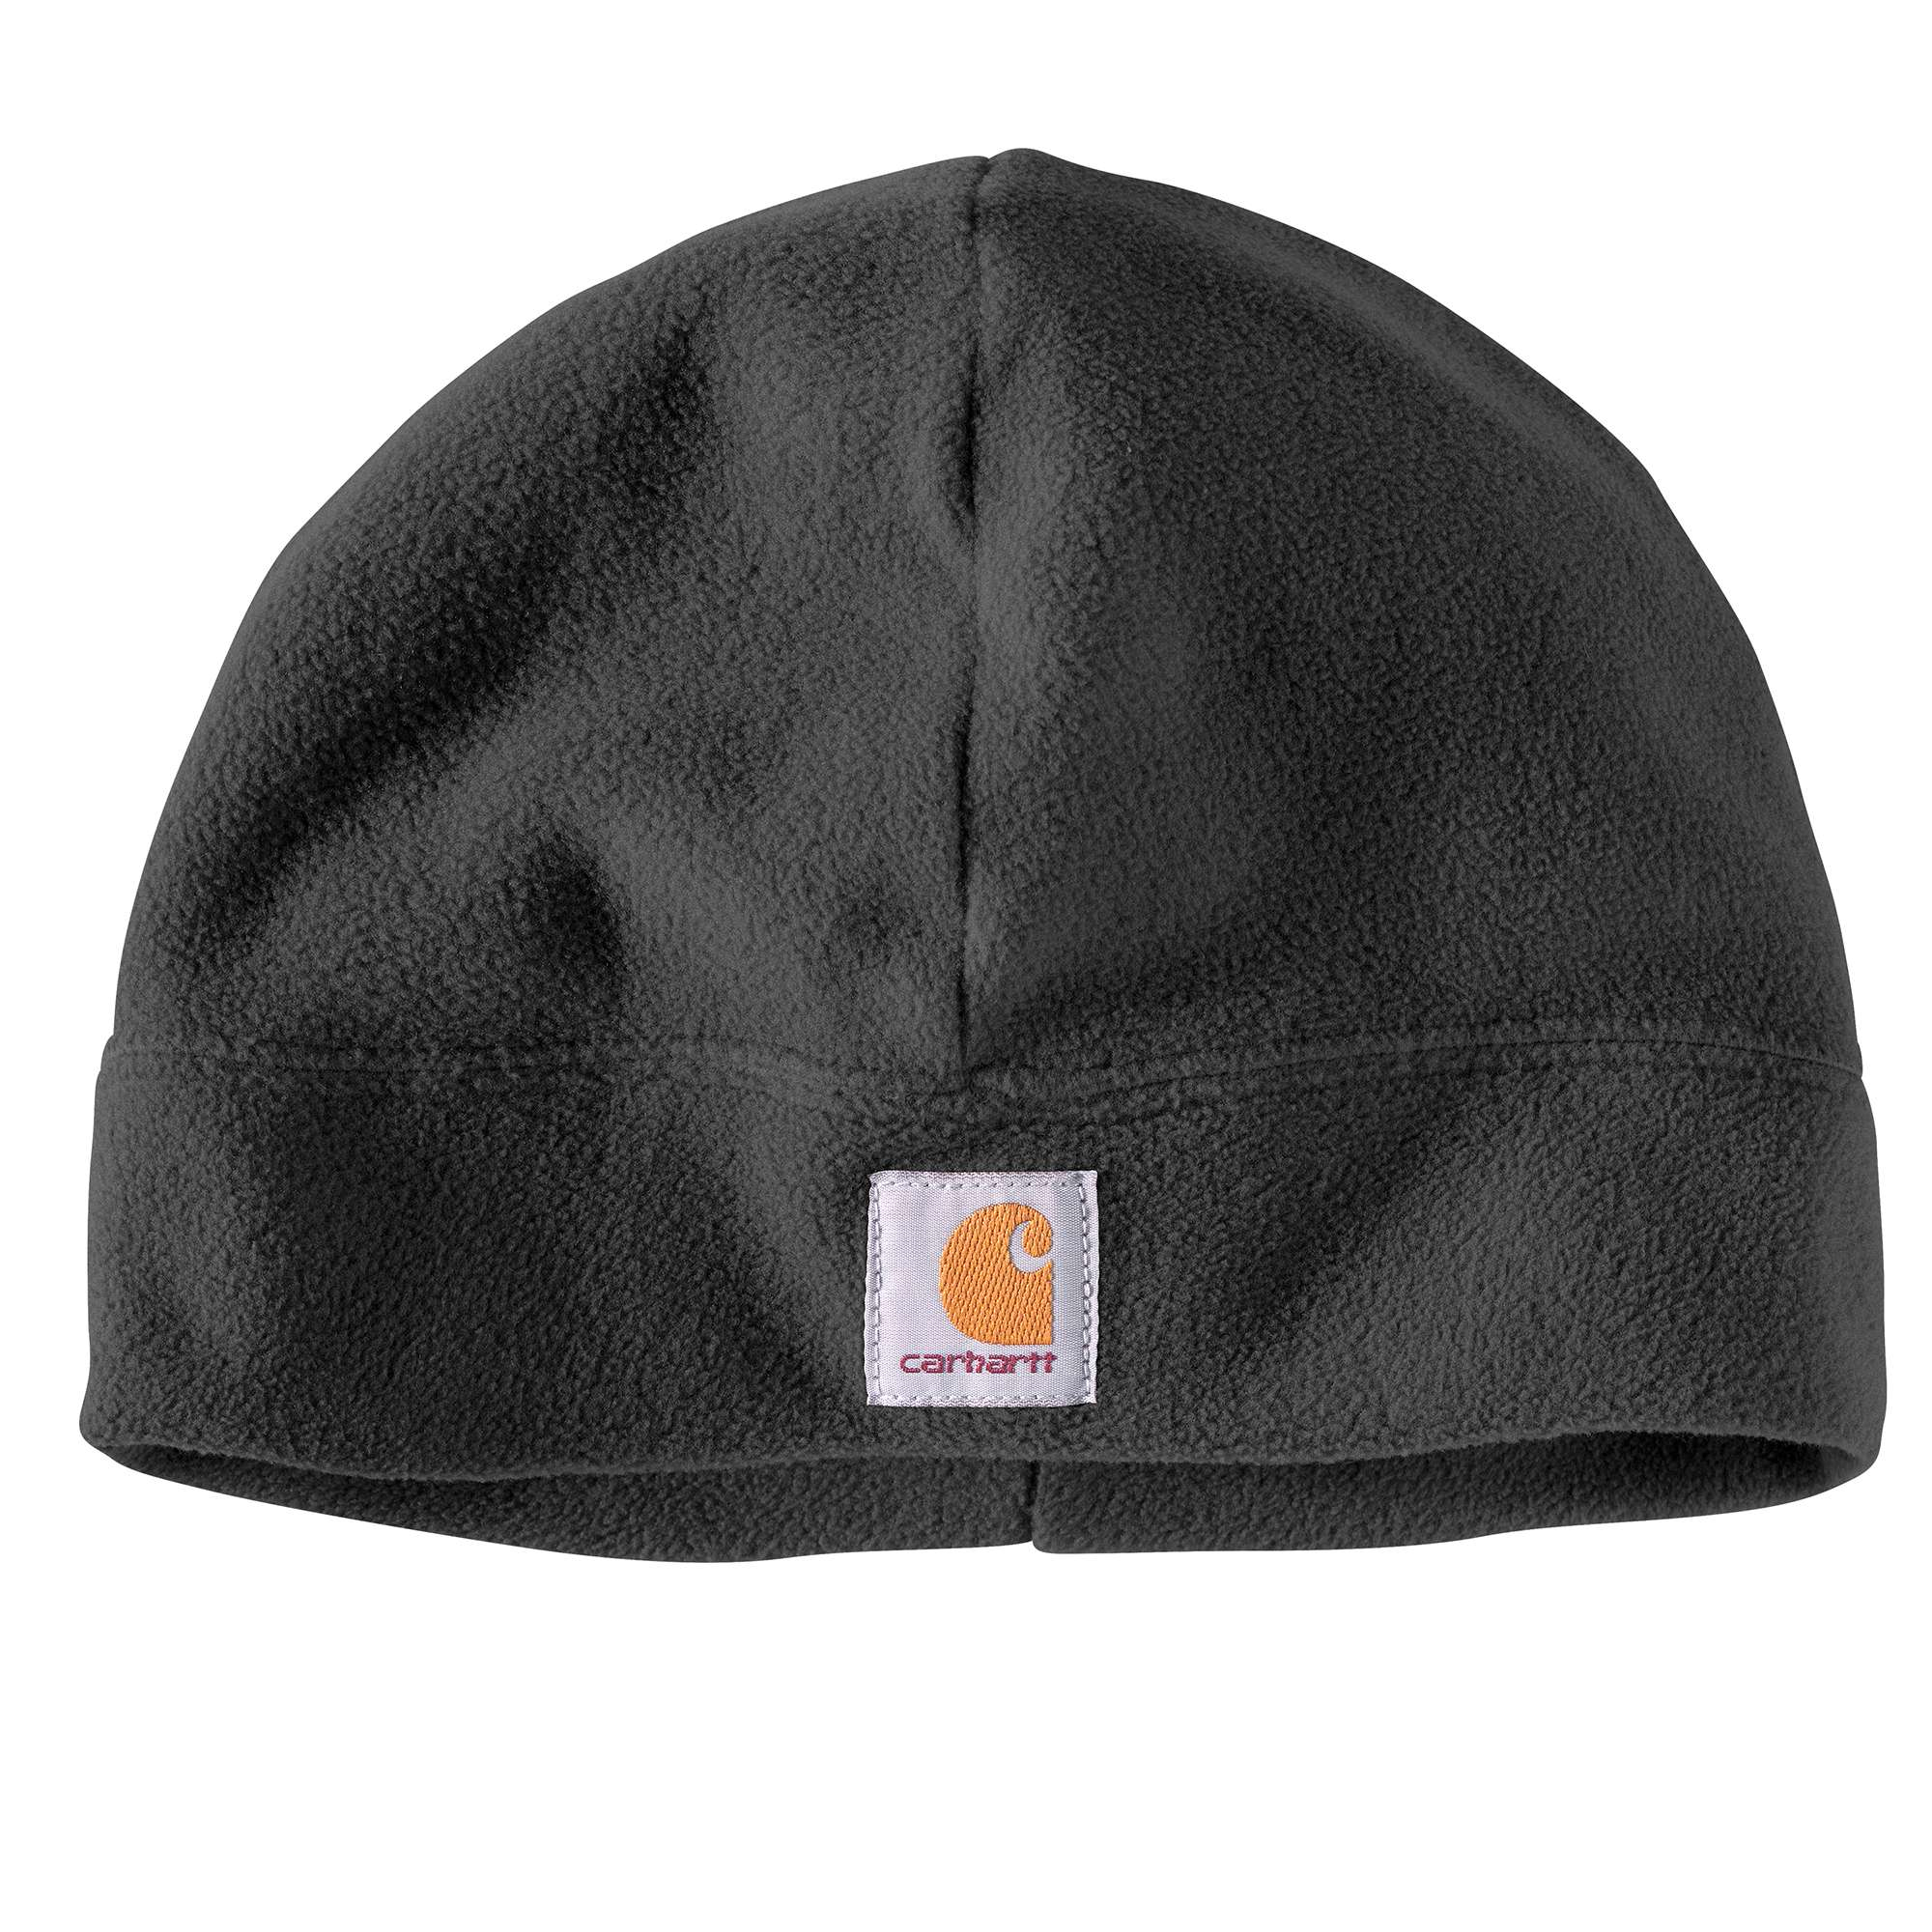 M Cotton Canvas Cap, Black, swatch